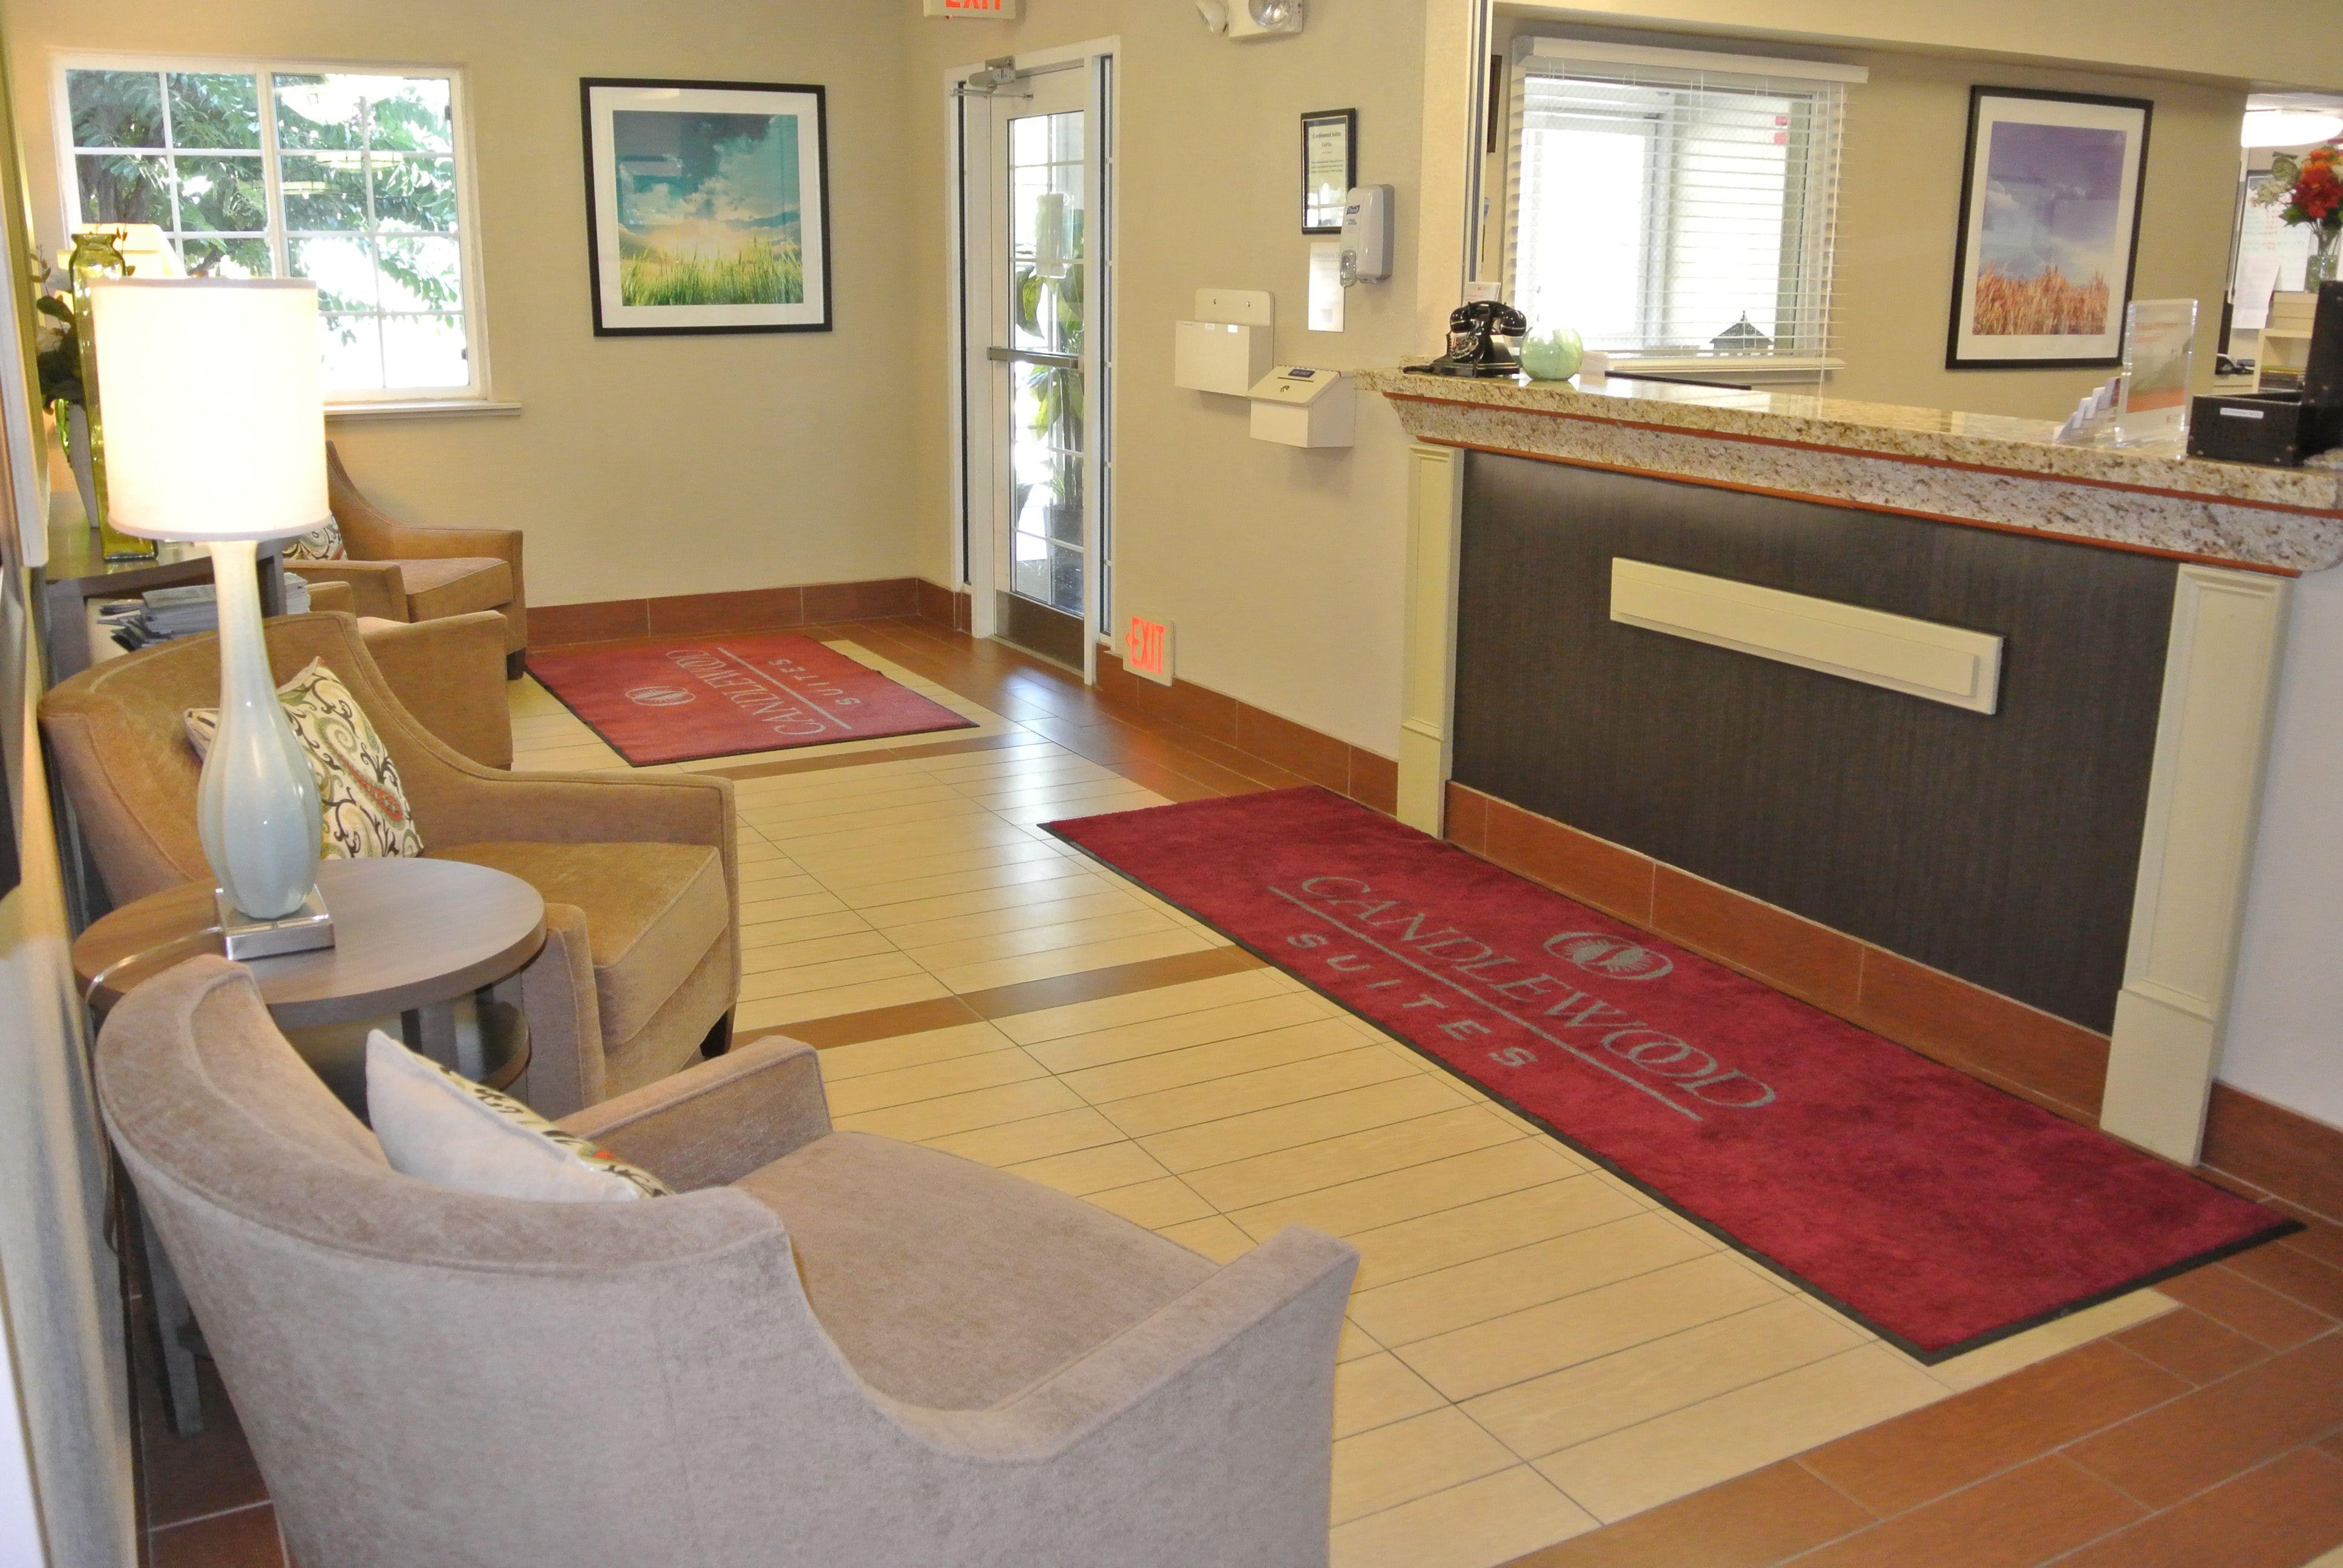 Candlewood Suites Washington-Fairfax image 4